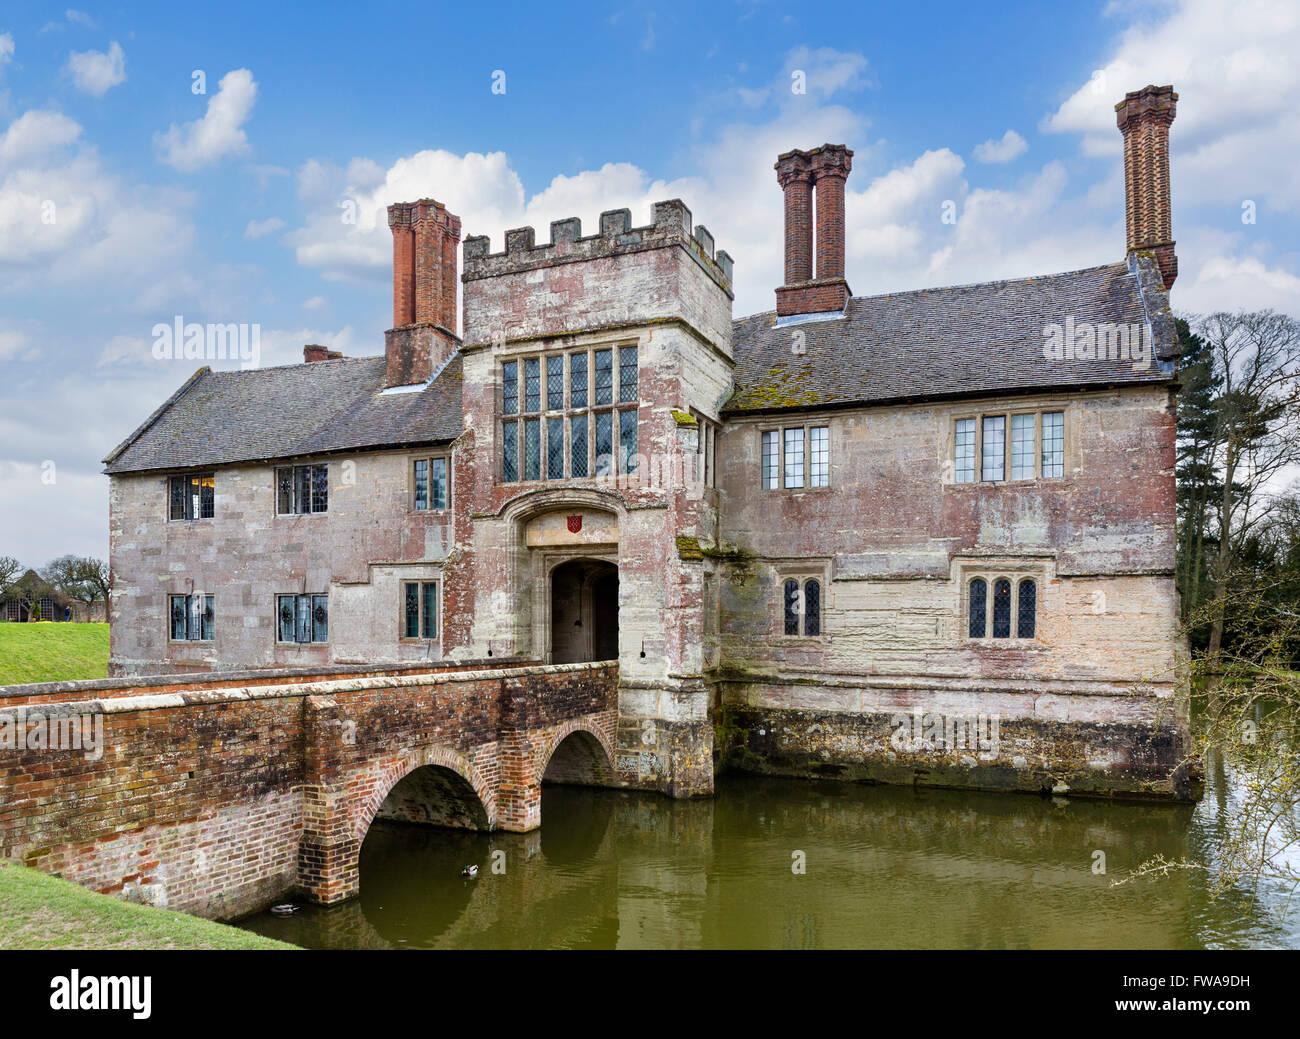 Baddesley Clinton, ein Wasserschloss Herrenhaus in der Nähe von Warwick, Warwickshire, England, UK Stockbild